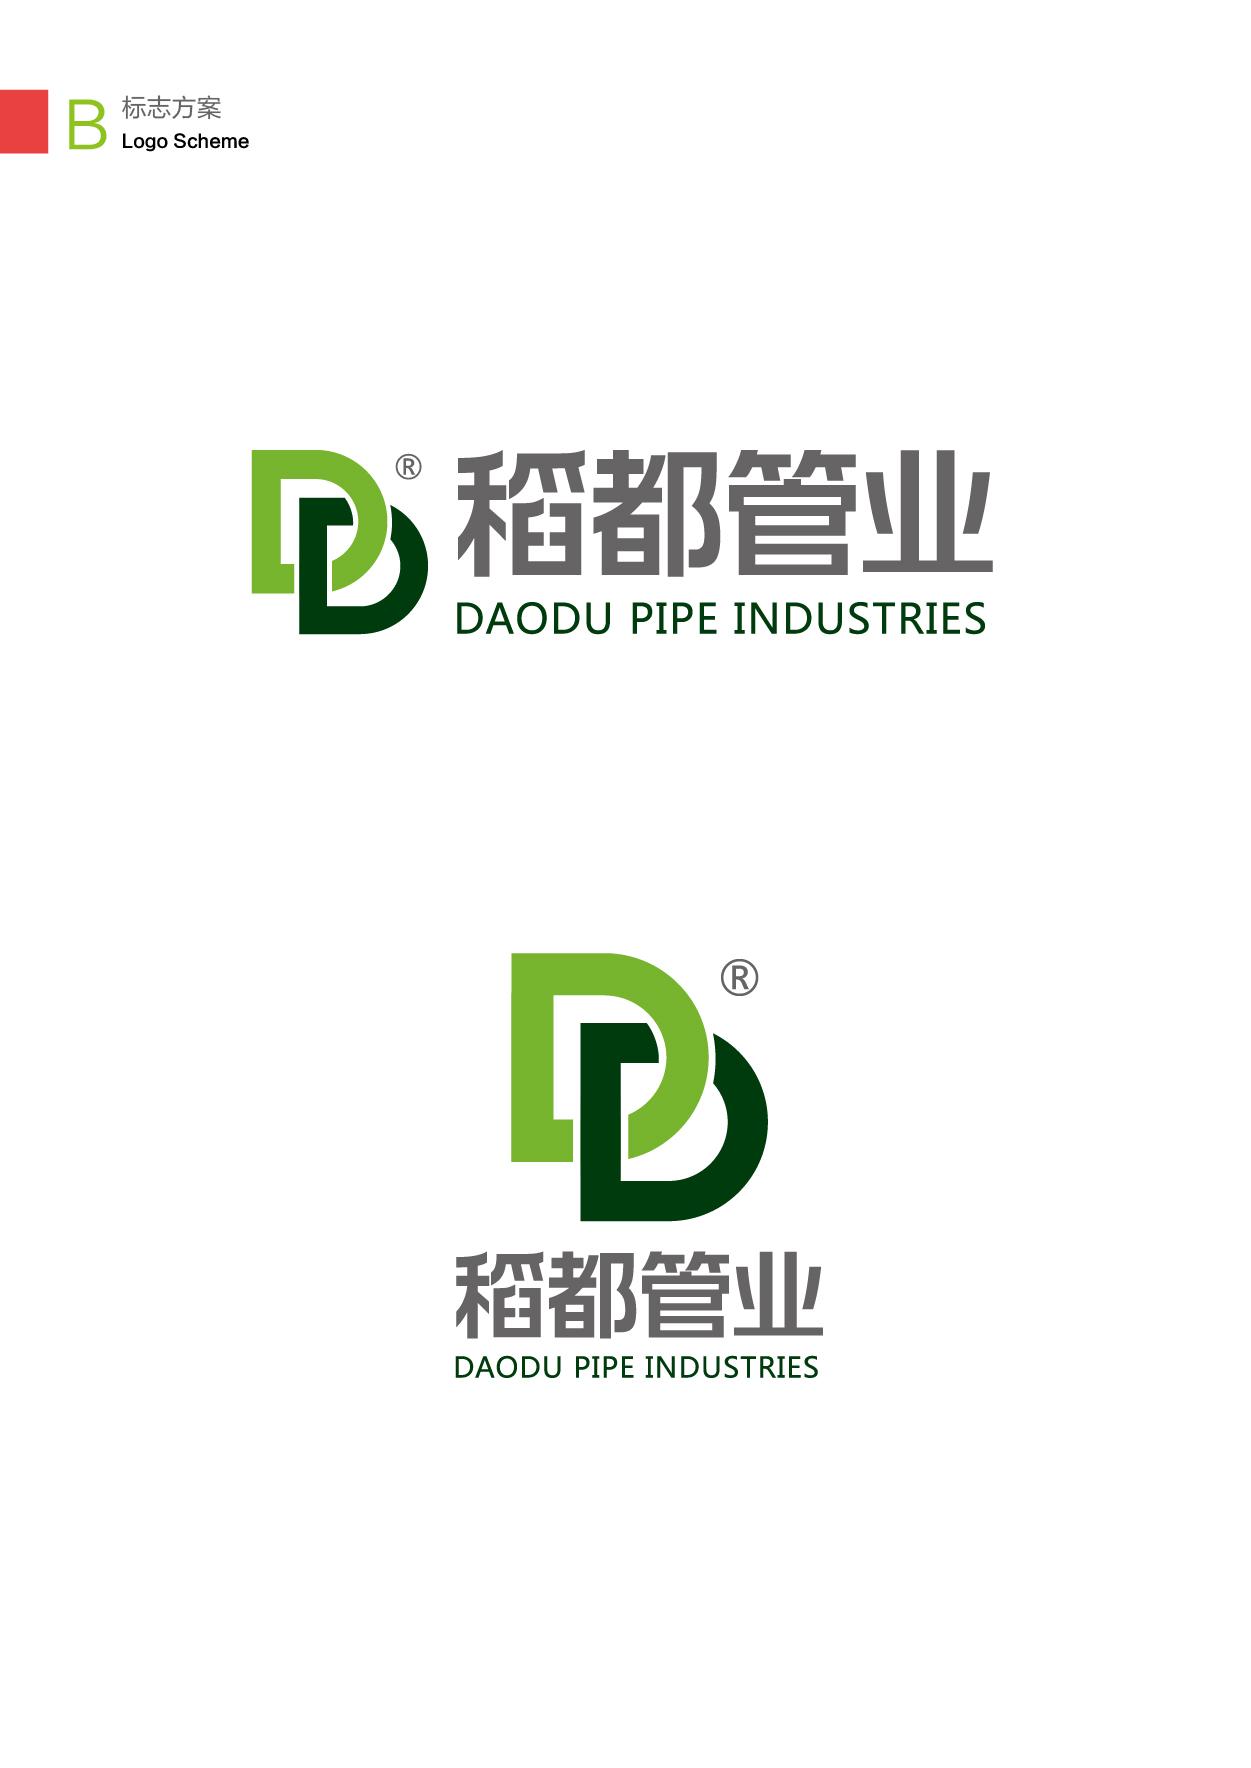 江西省稻都管业有限公司